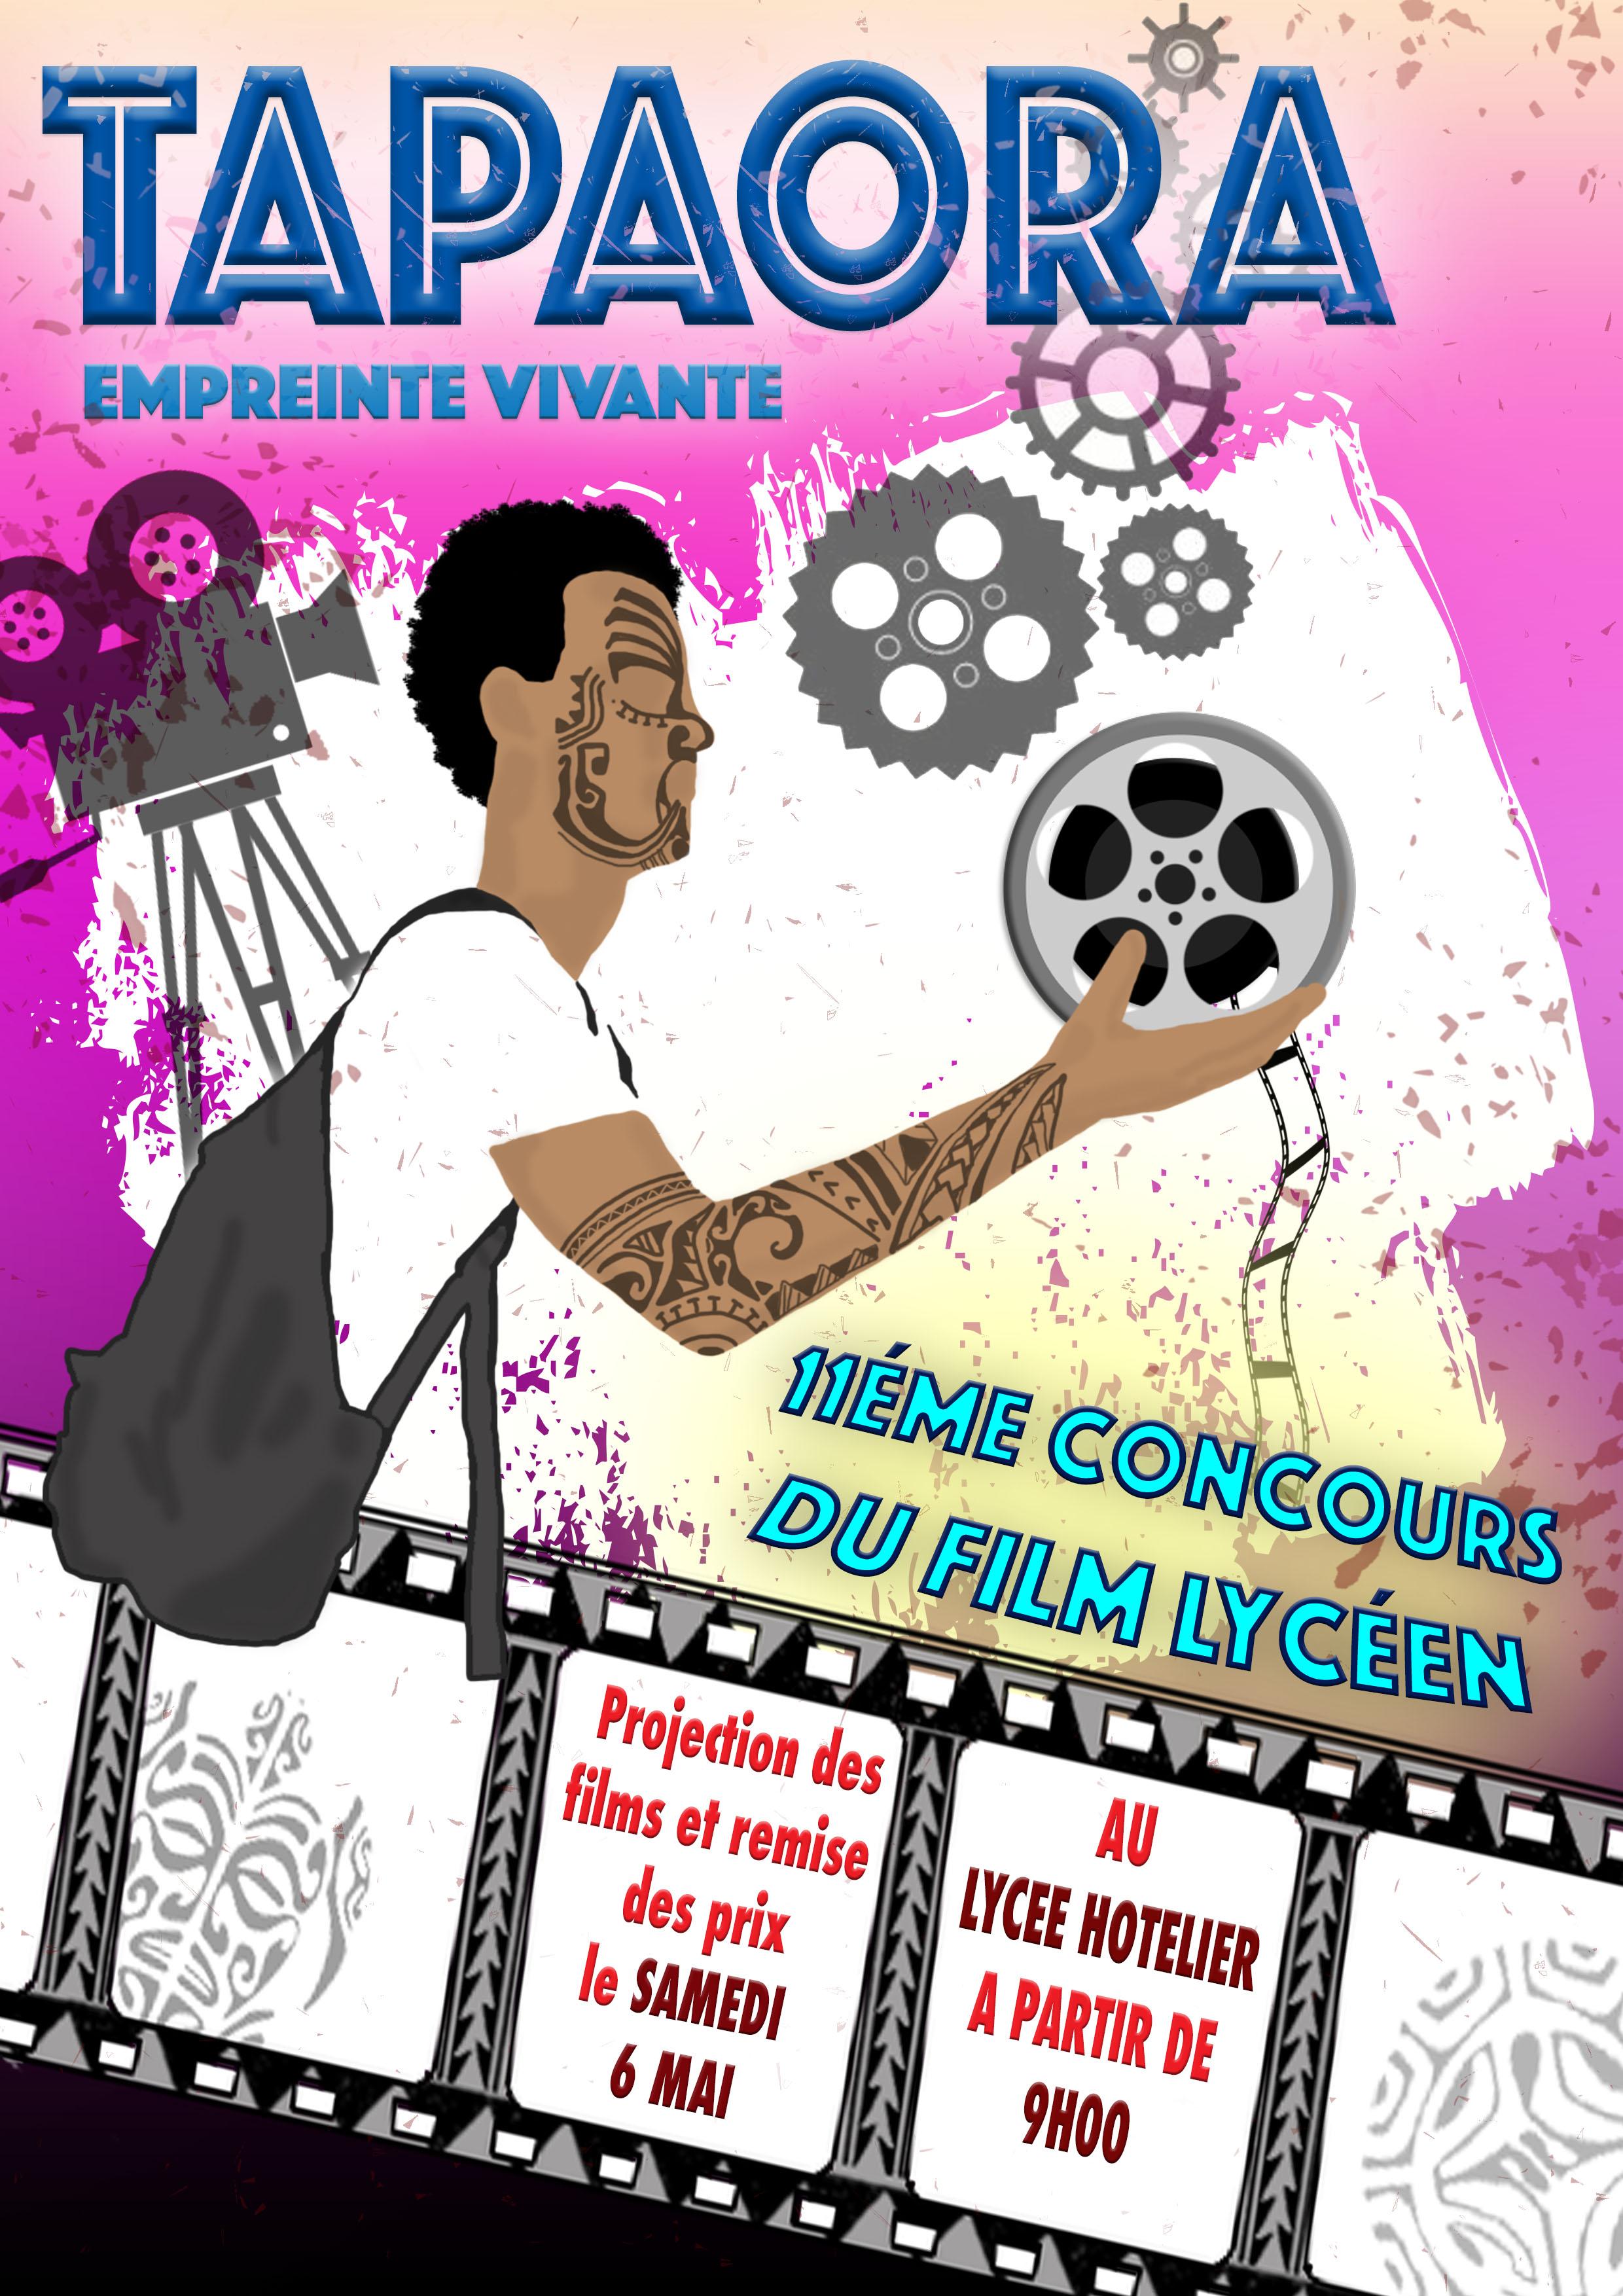 Dernière ligne droite pour Tapa ora, le concours du film lycéen